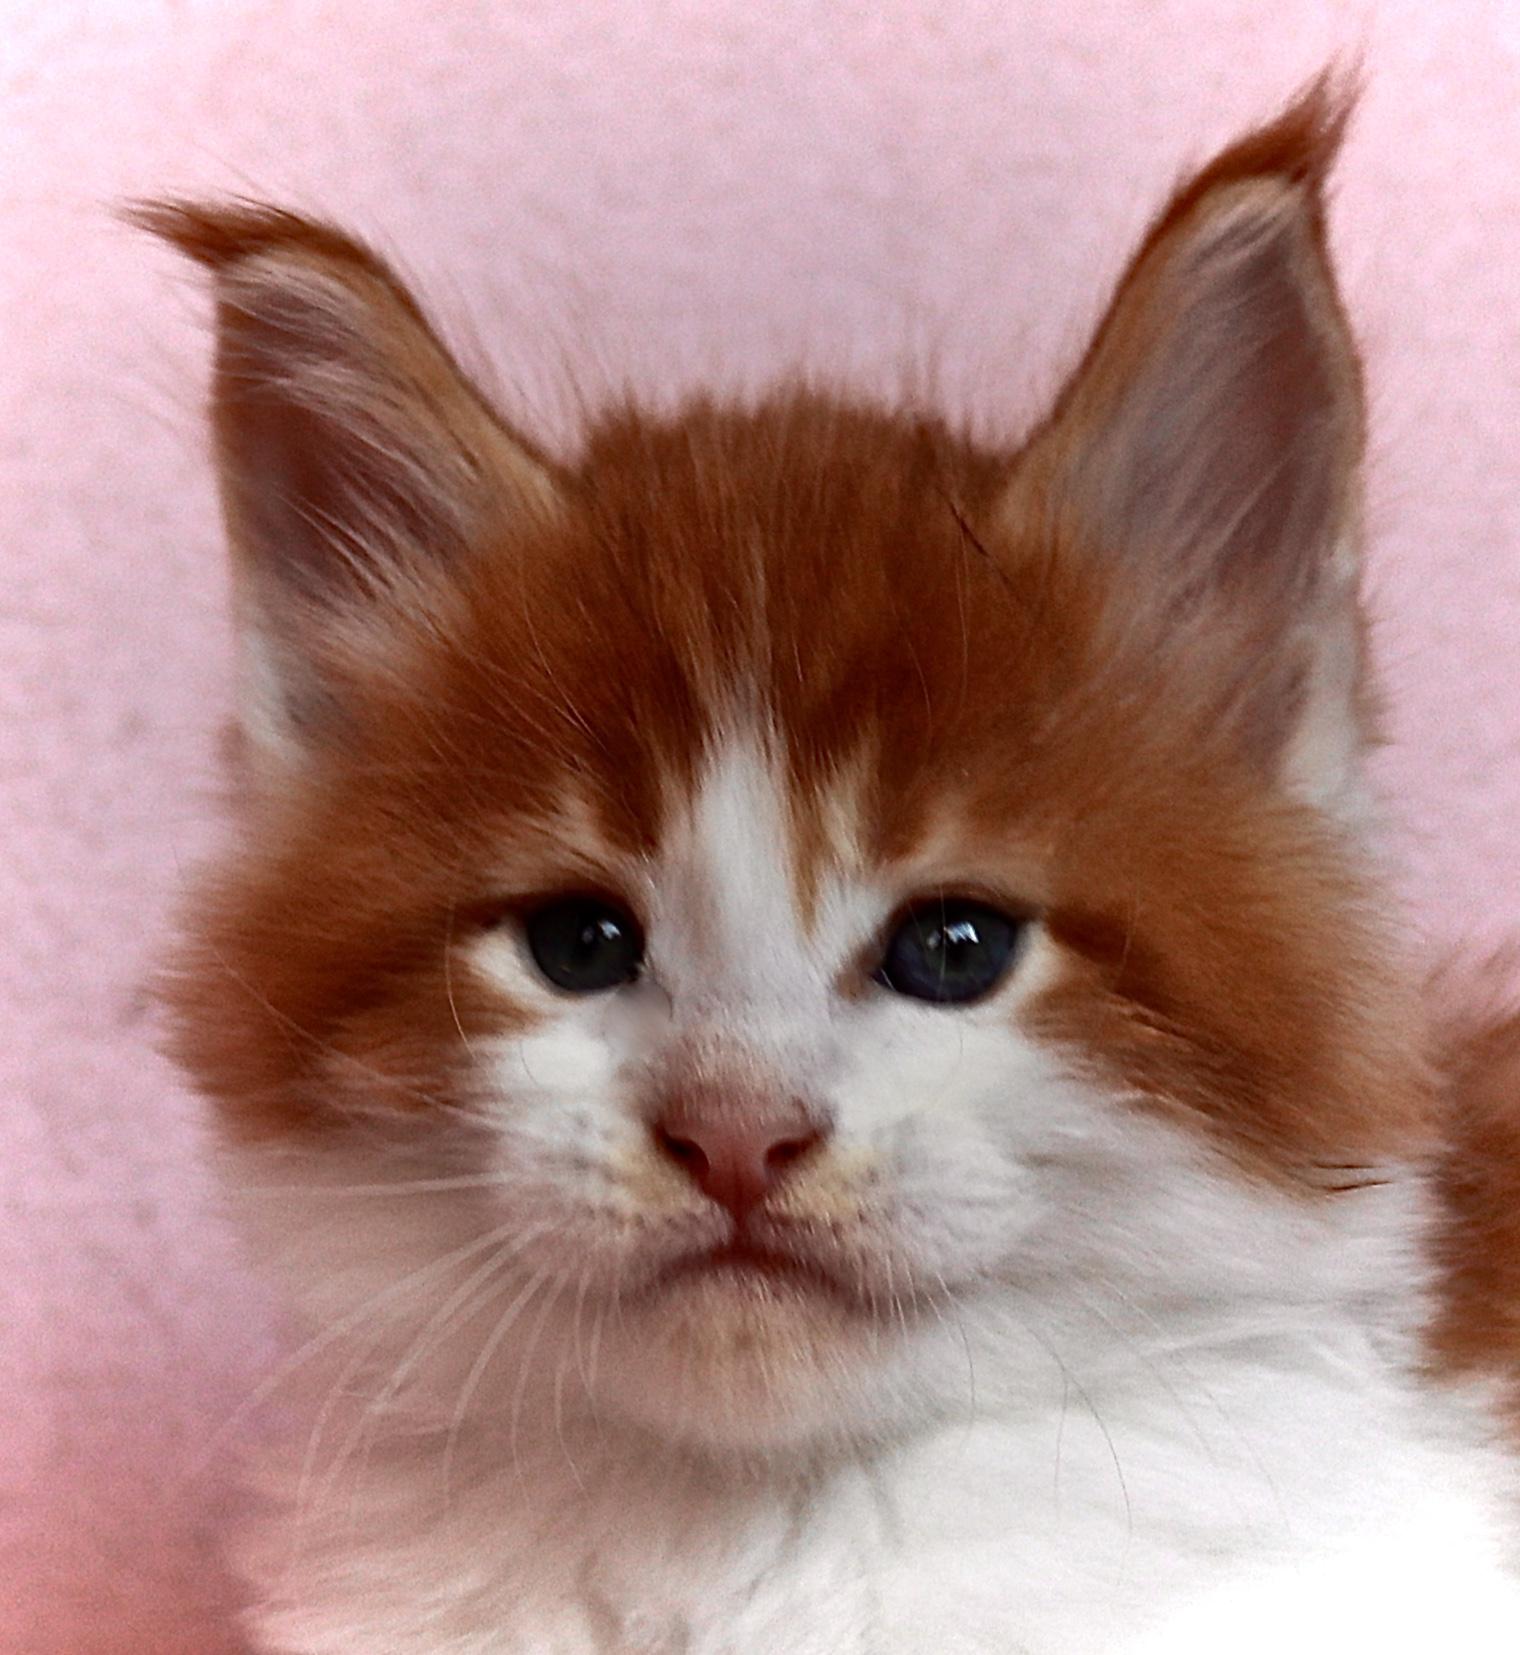 fotka kočky VRH I: ISSAC UNO VON ERILLIAN*CZ